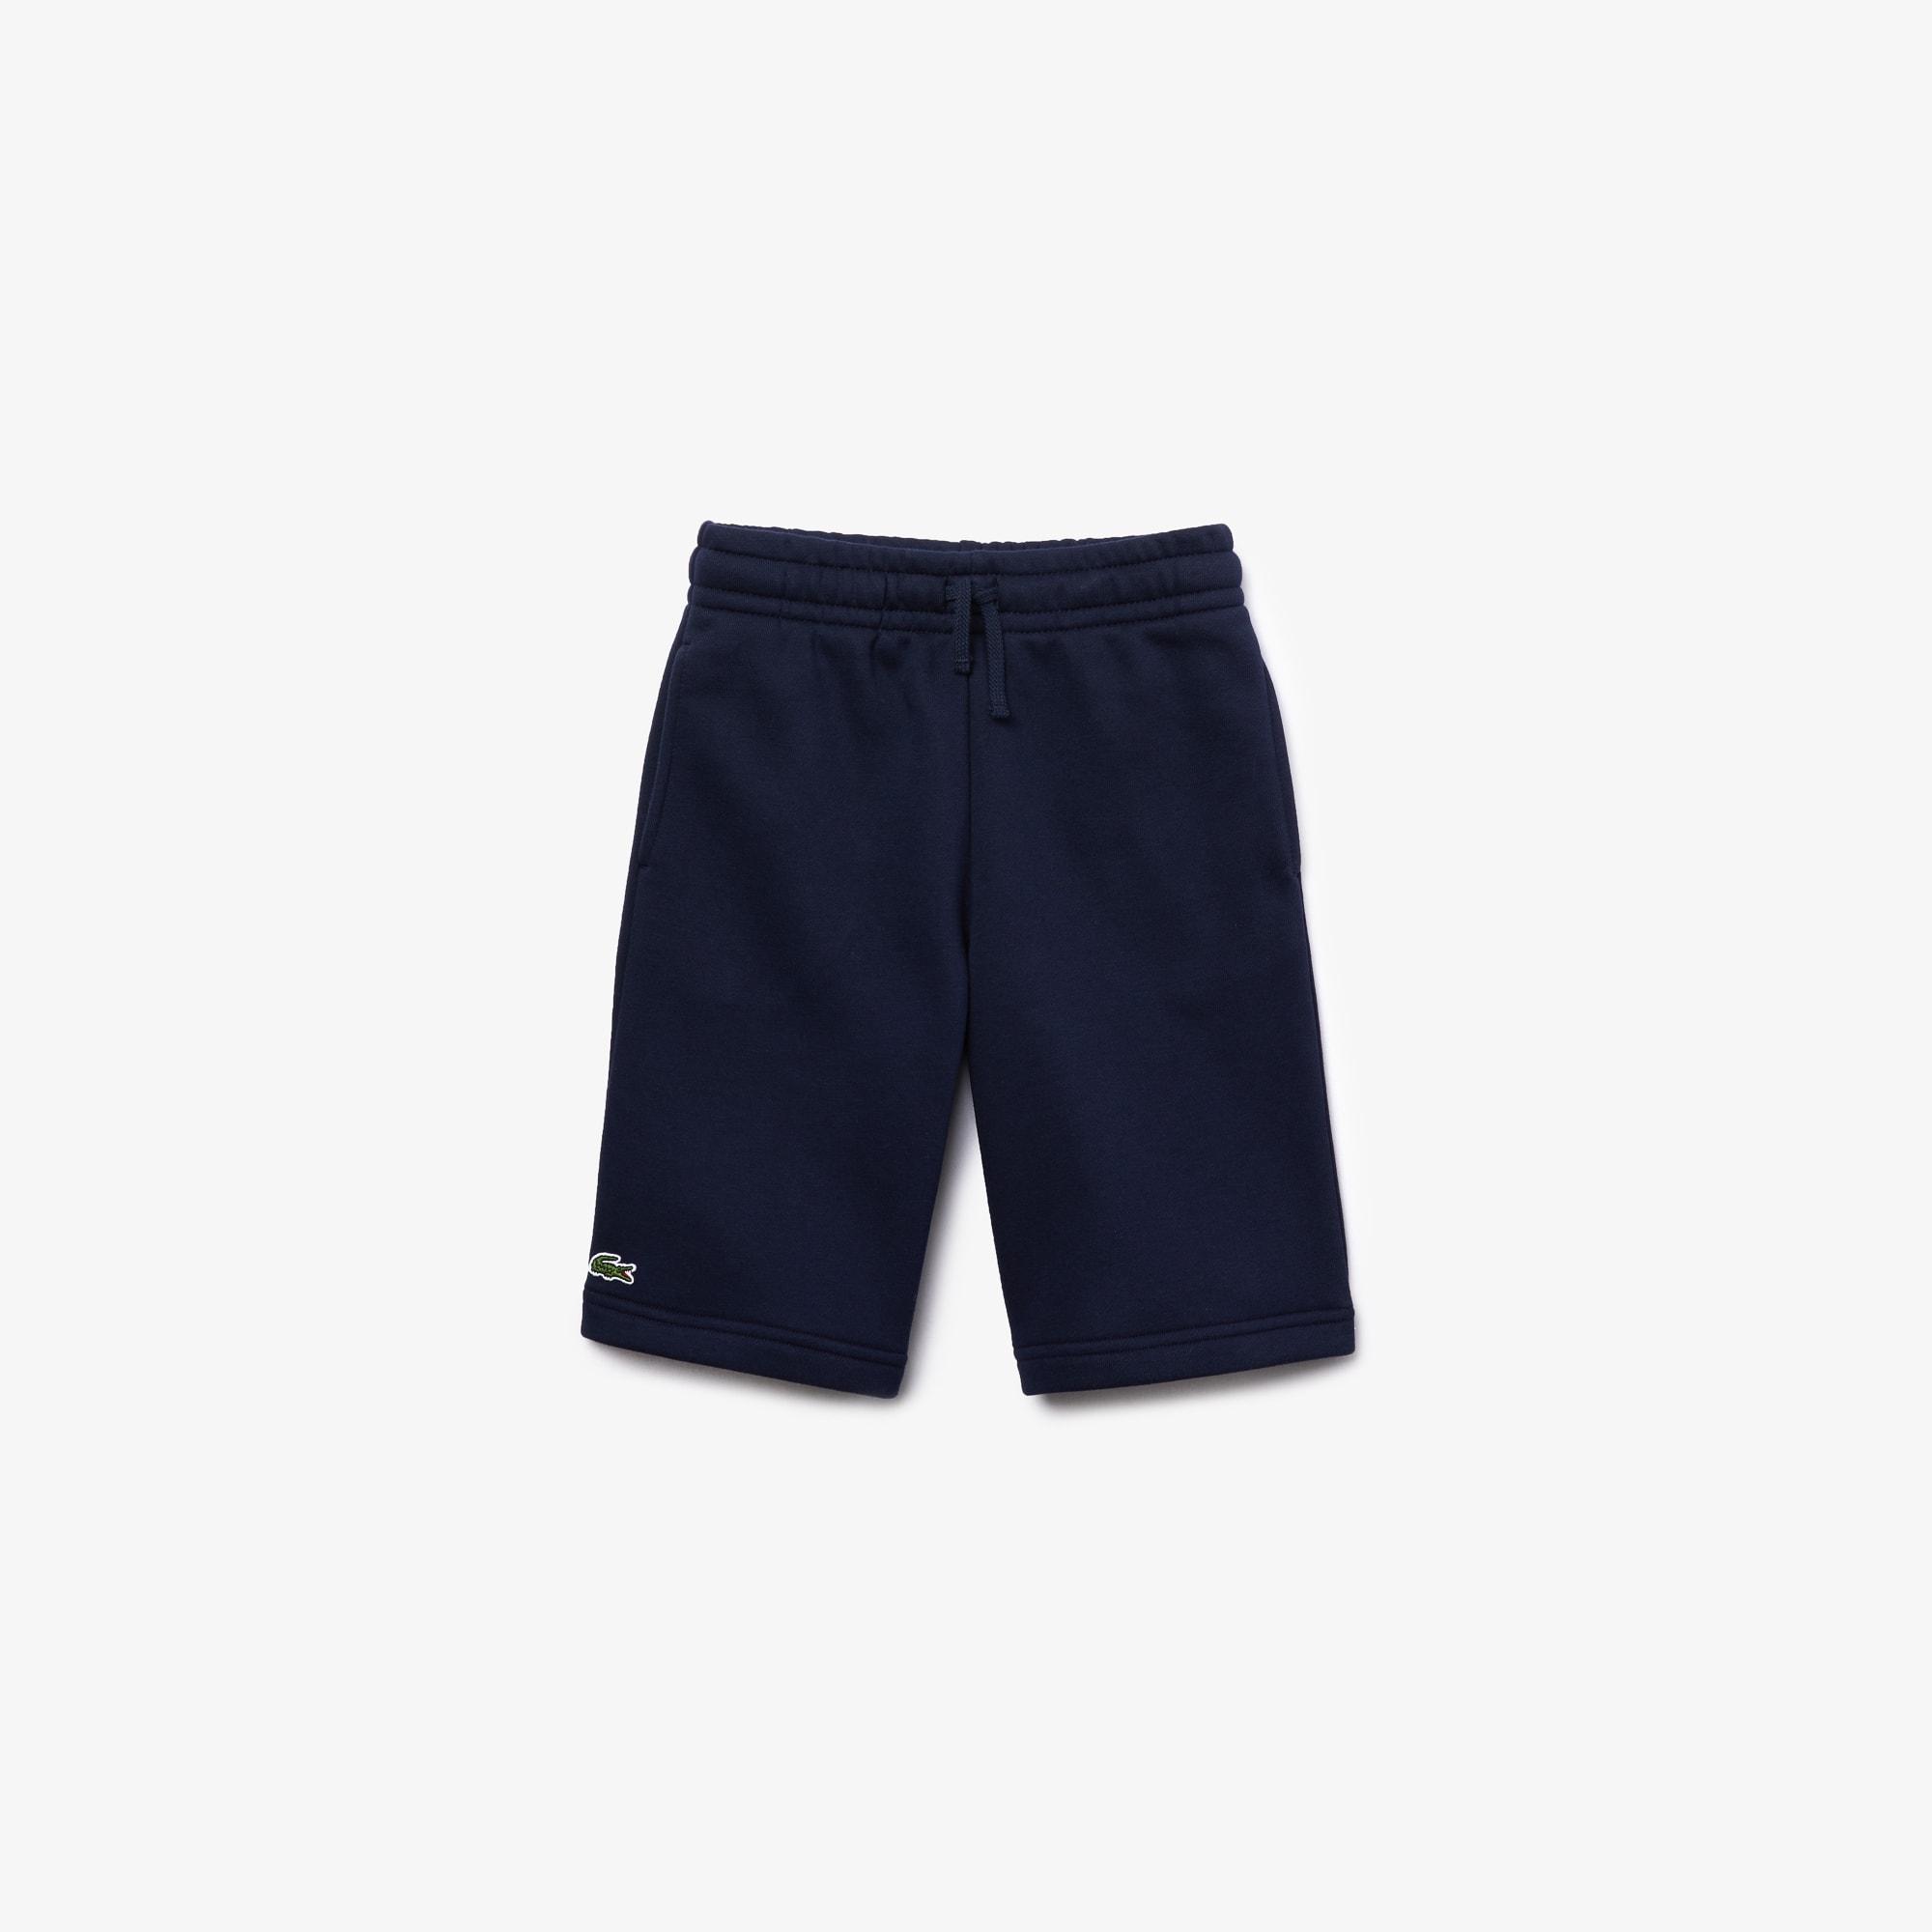 Short Enfant Tennis Lacoste SPORT en molleton de coton